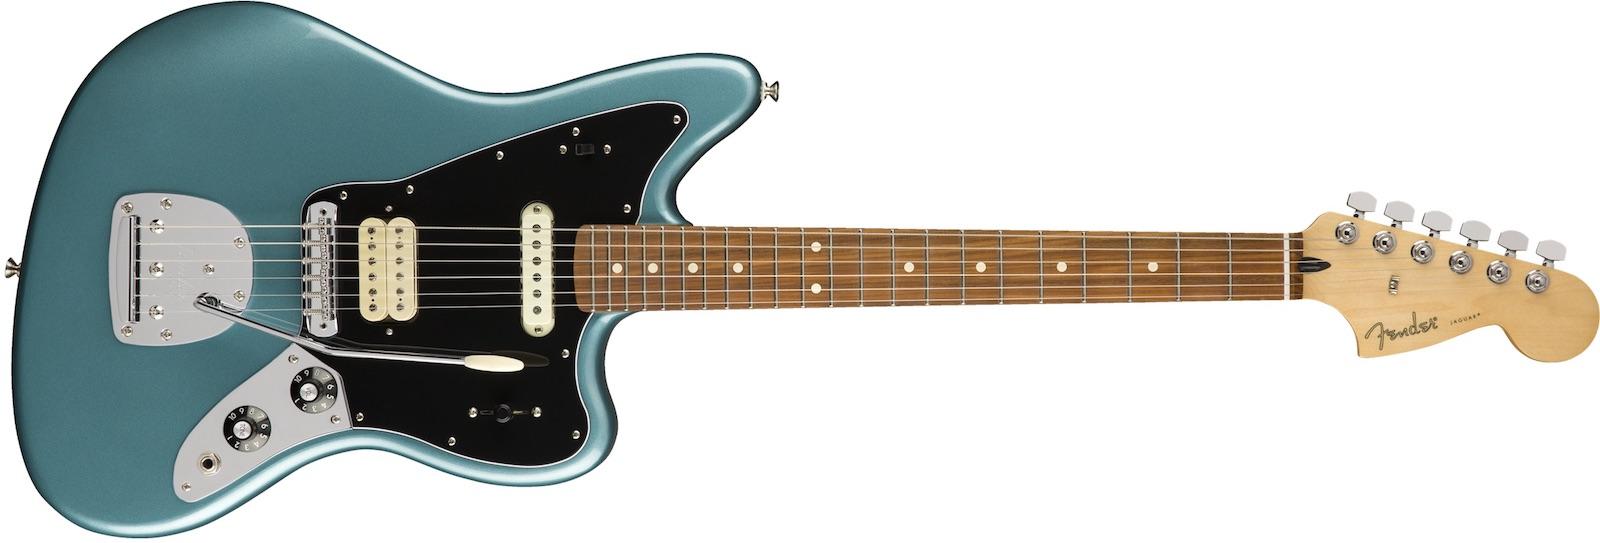 【新品】Fender Player Jaguar ~Tidepool~ 【お取り寄せ】【送料無料】【池袋店】